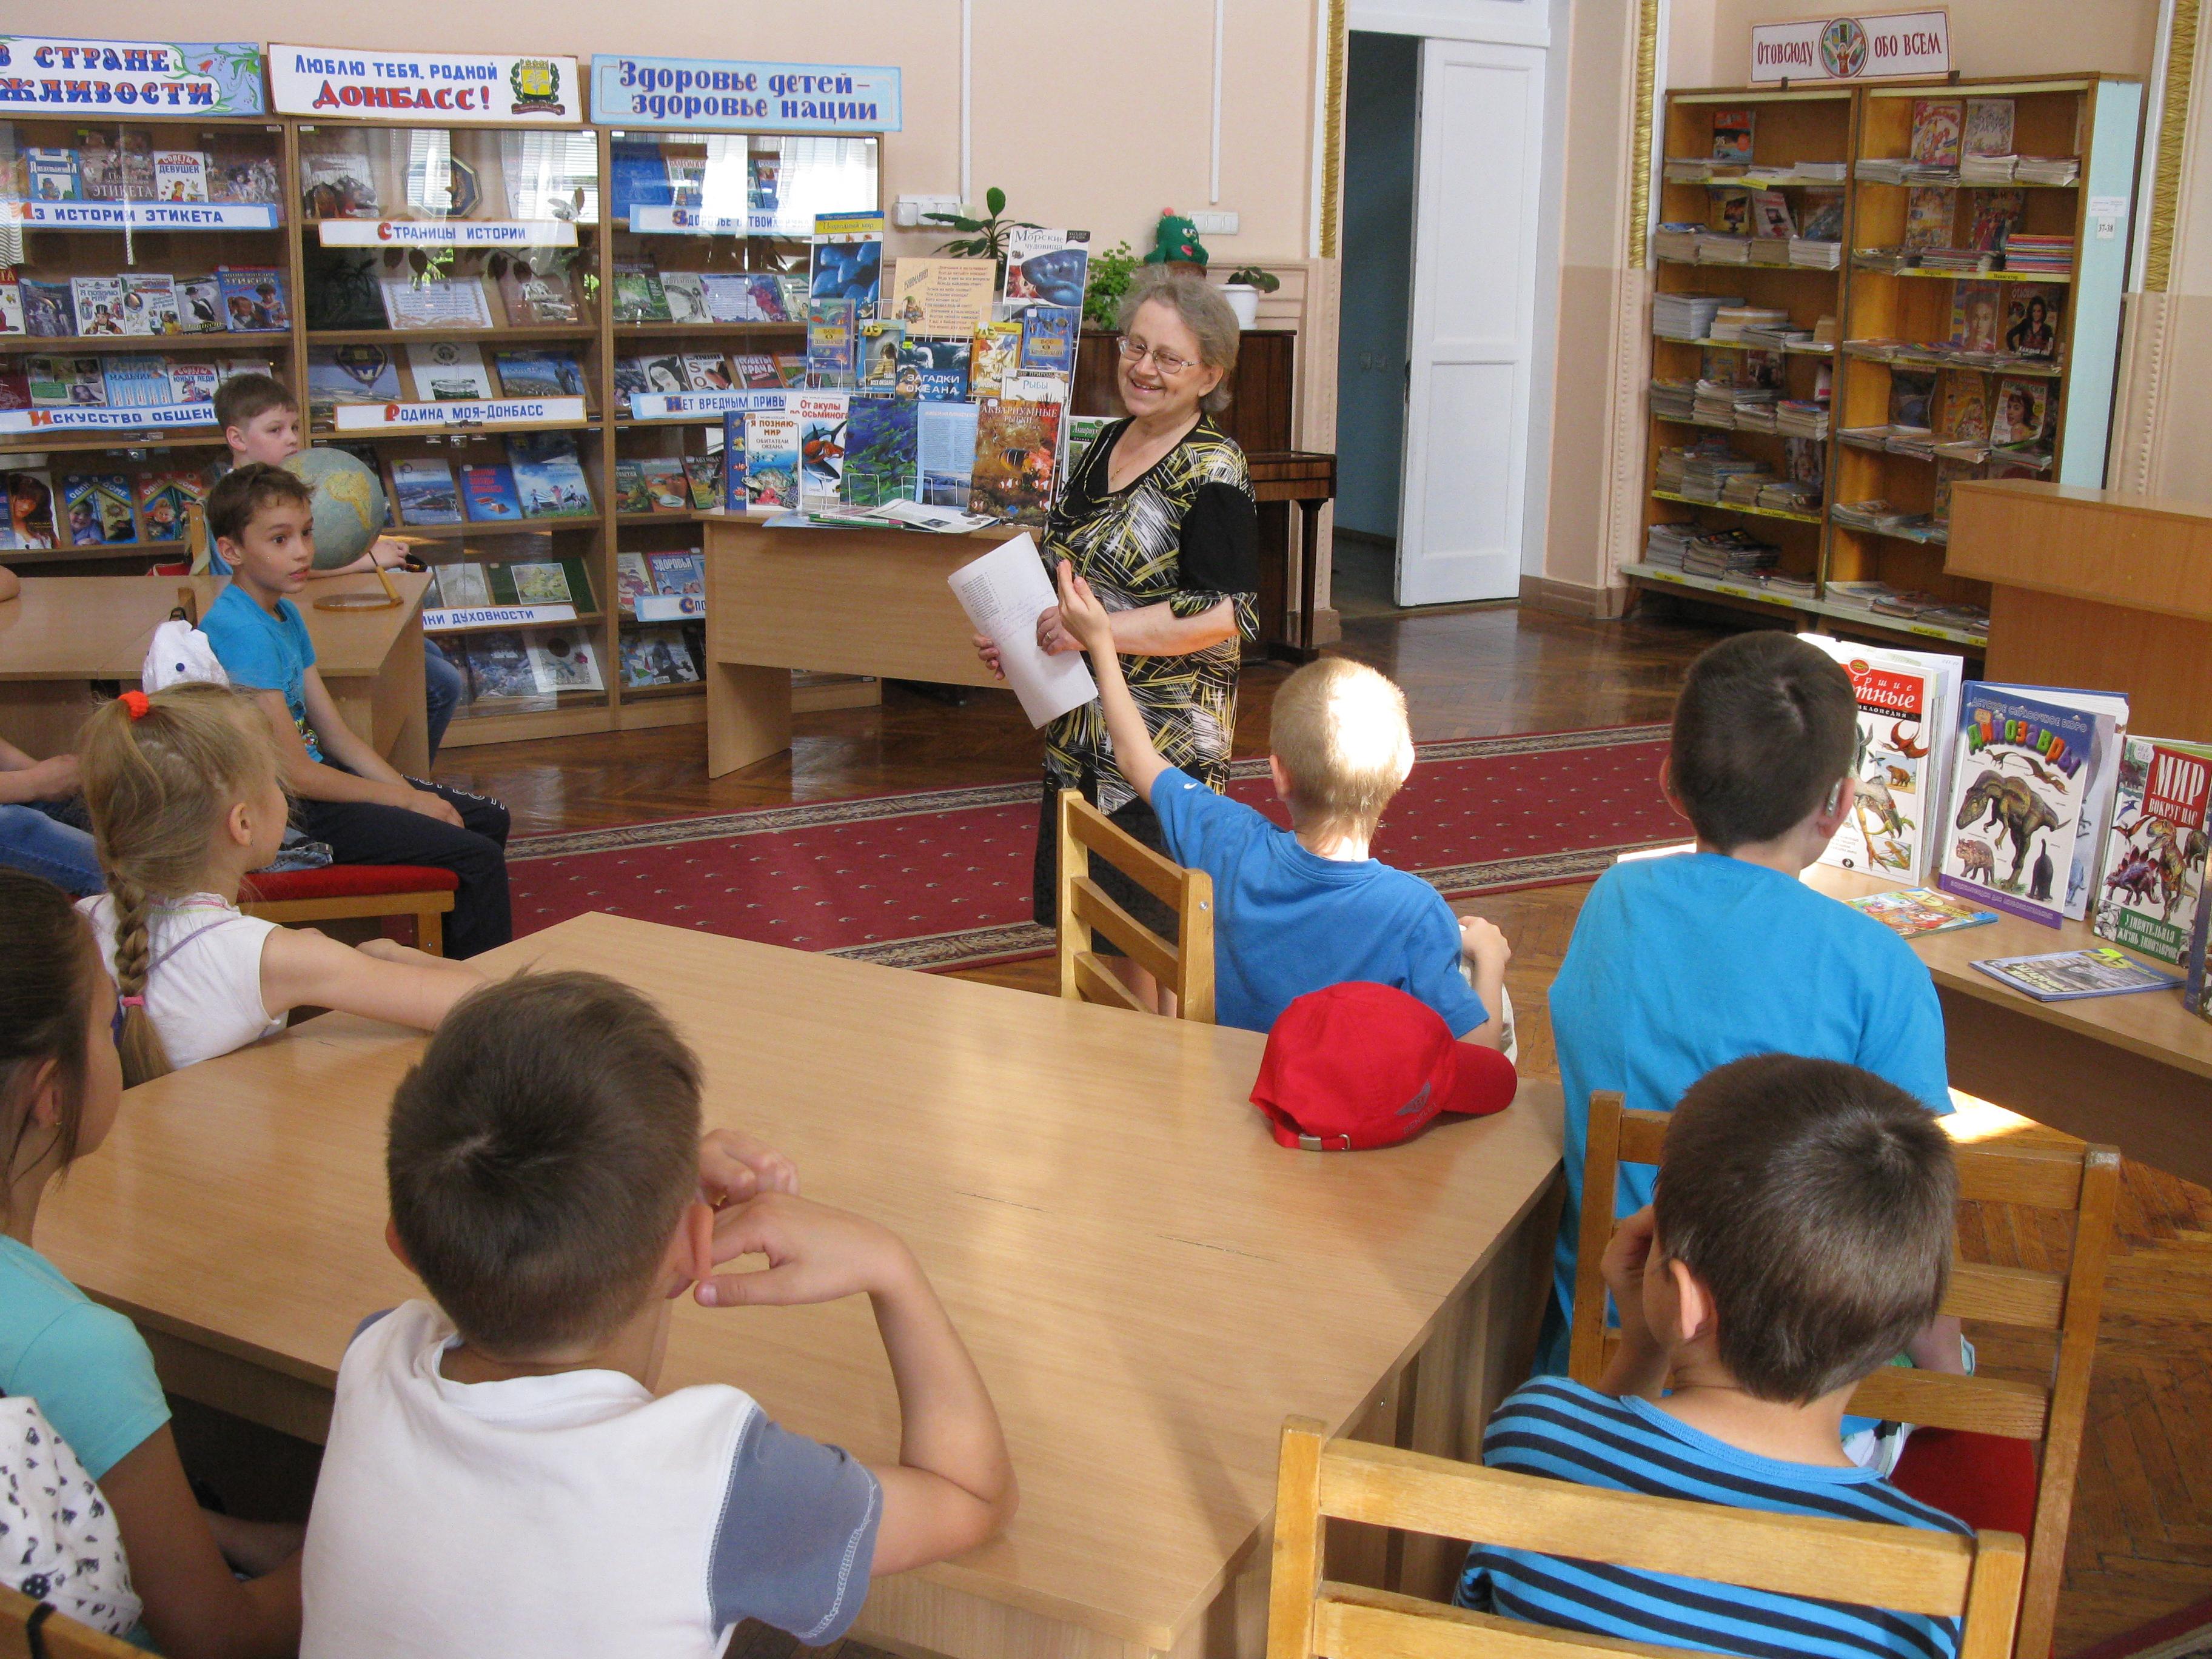 жизнь на планете океан, летний лагерь, донецкая республиканская библиотека для детей, читальный зал 5-9 классов